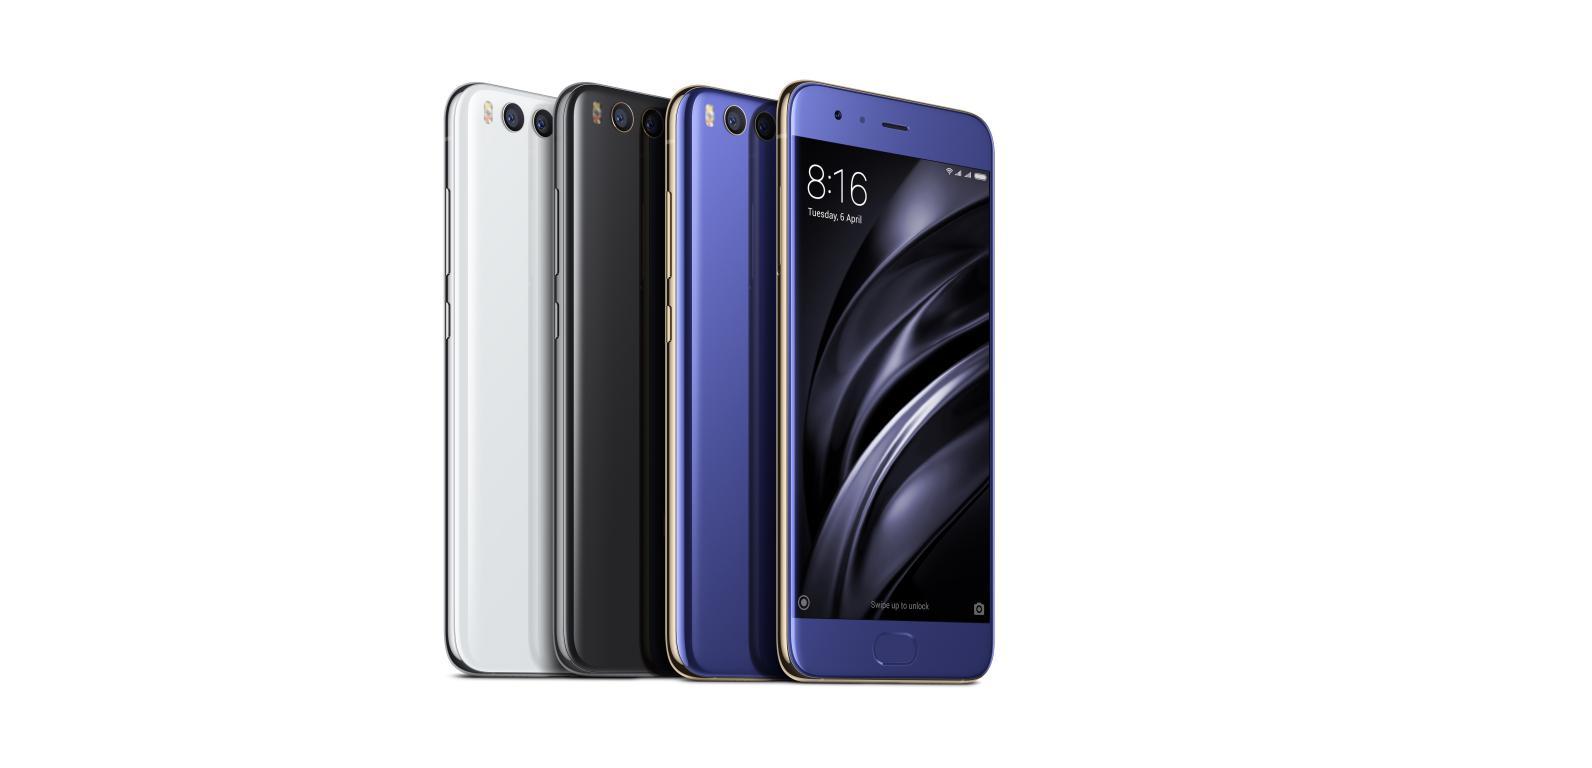 Ranking chińskich smartfonów [Top 10] - Xiaomi Mi6